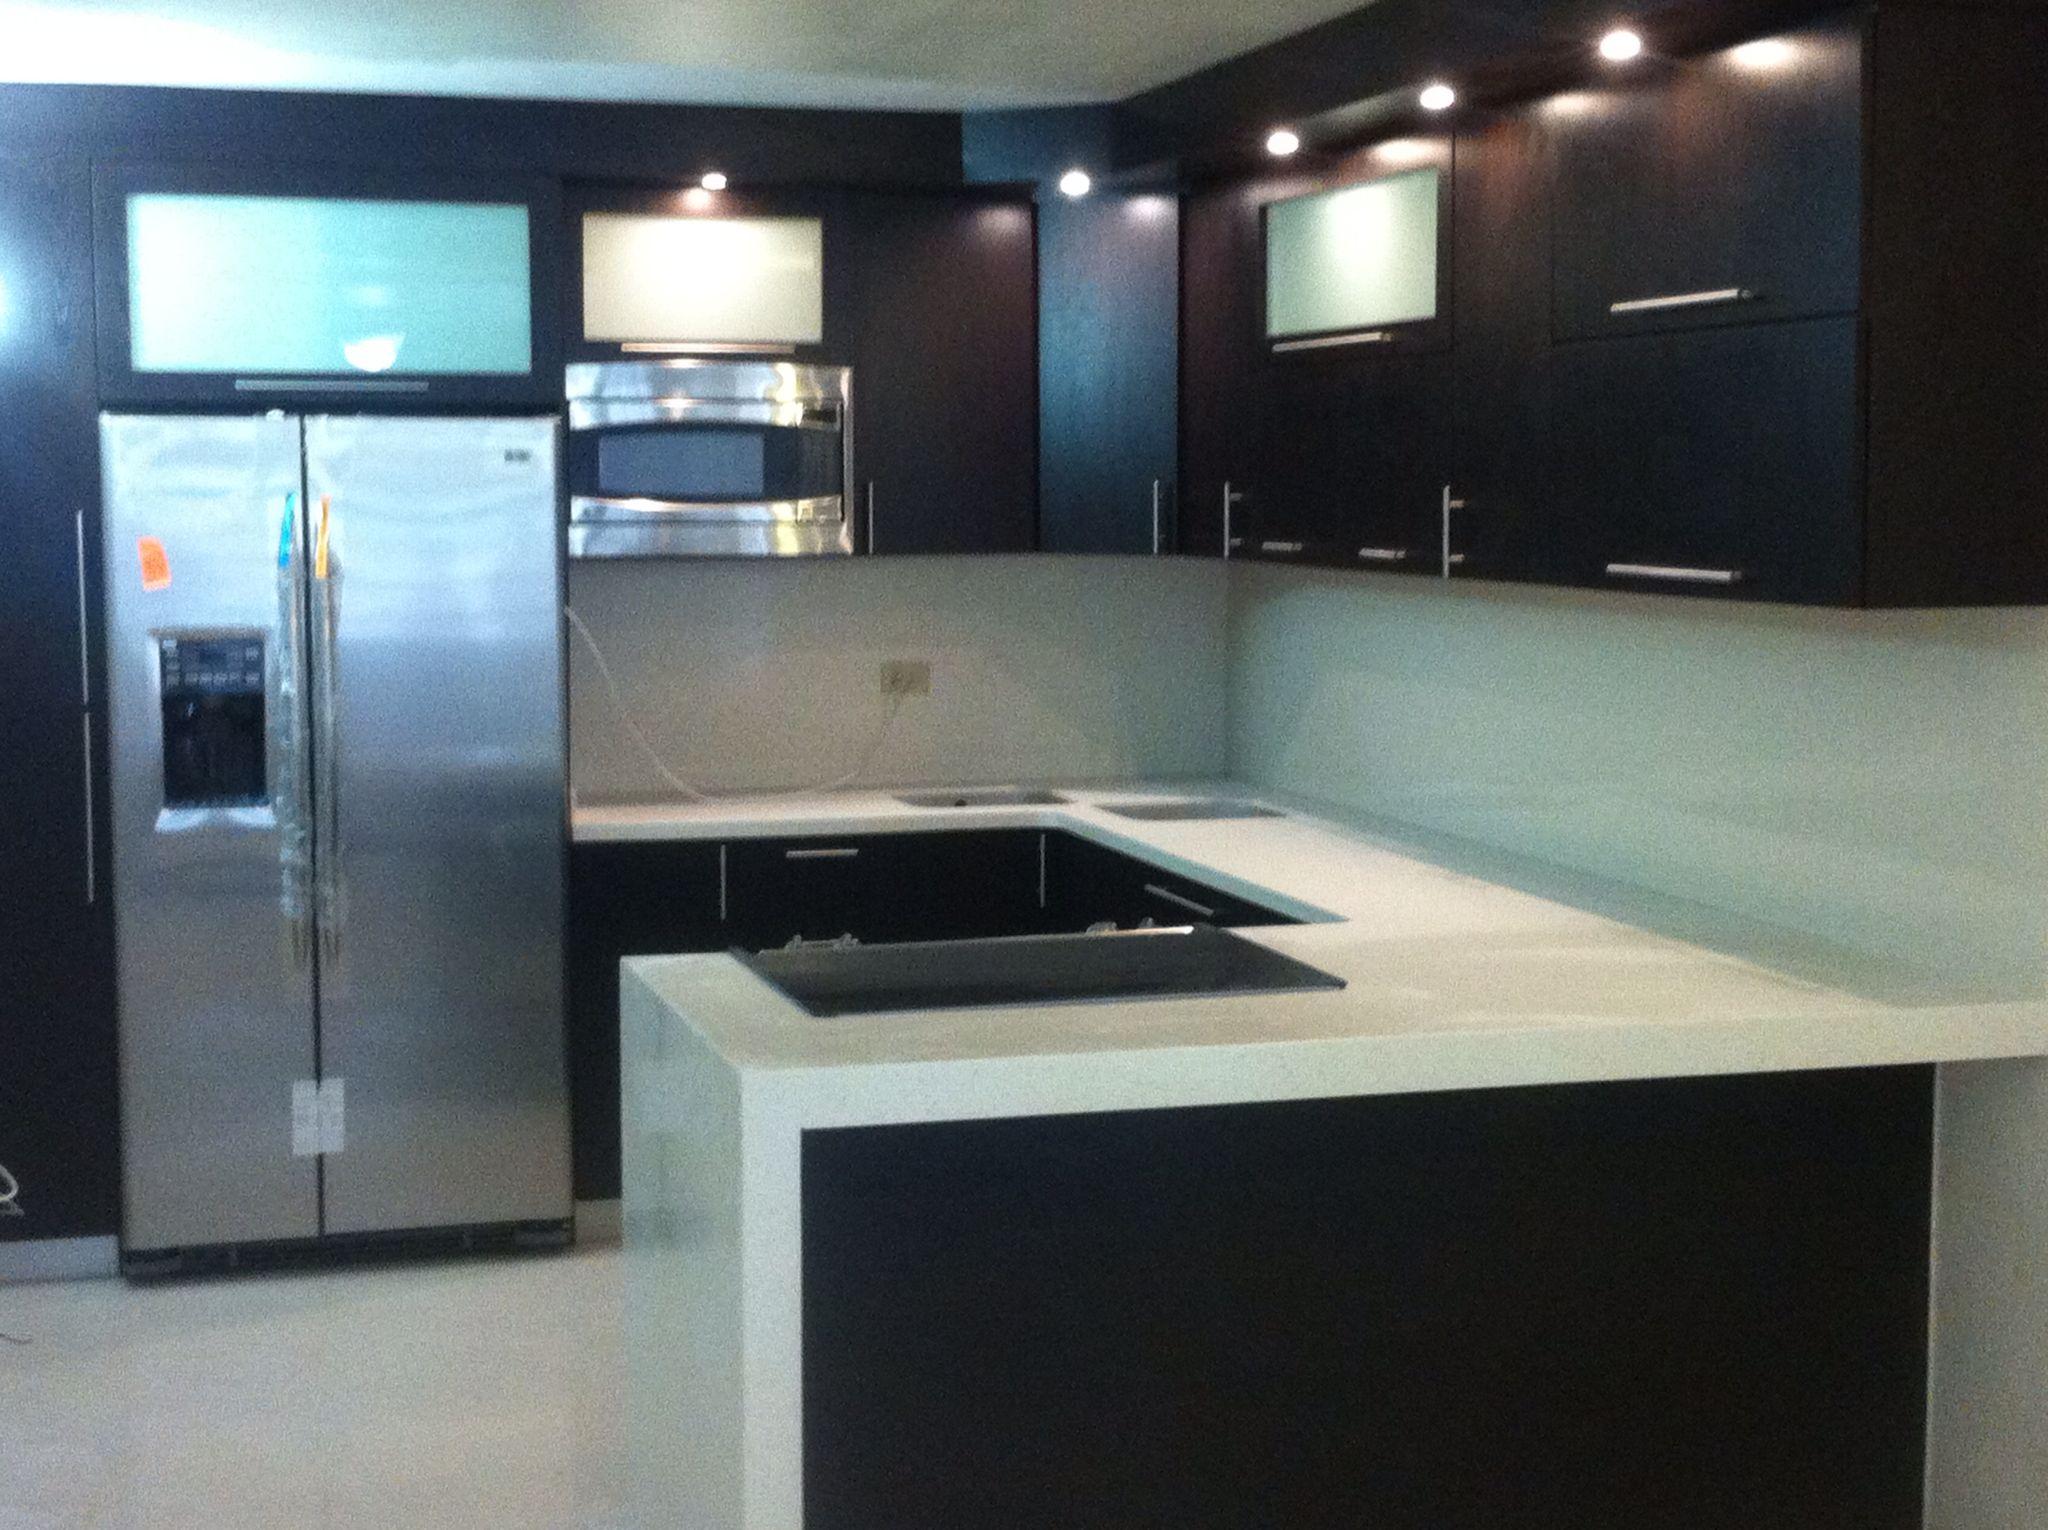 Gabinetes pvc superficie s lida corian gabinetes cocina for Gabinetes modernos